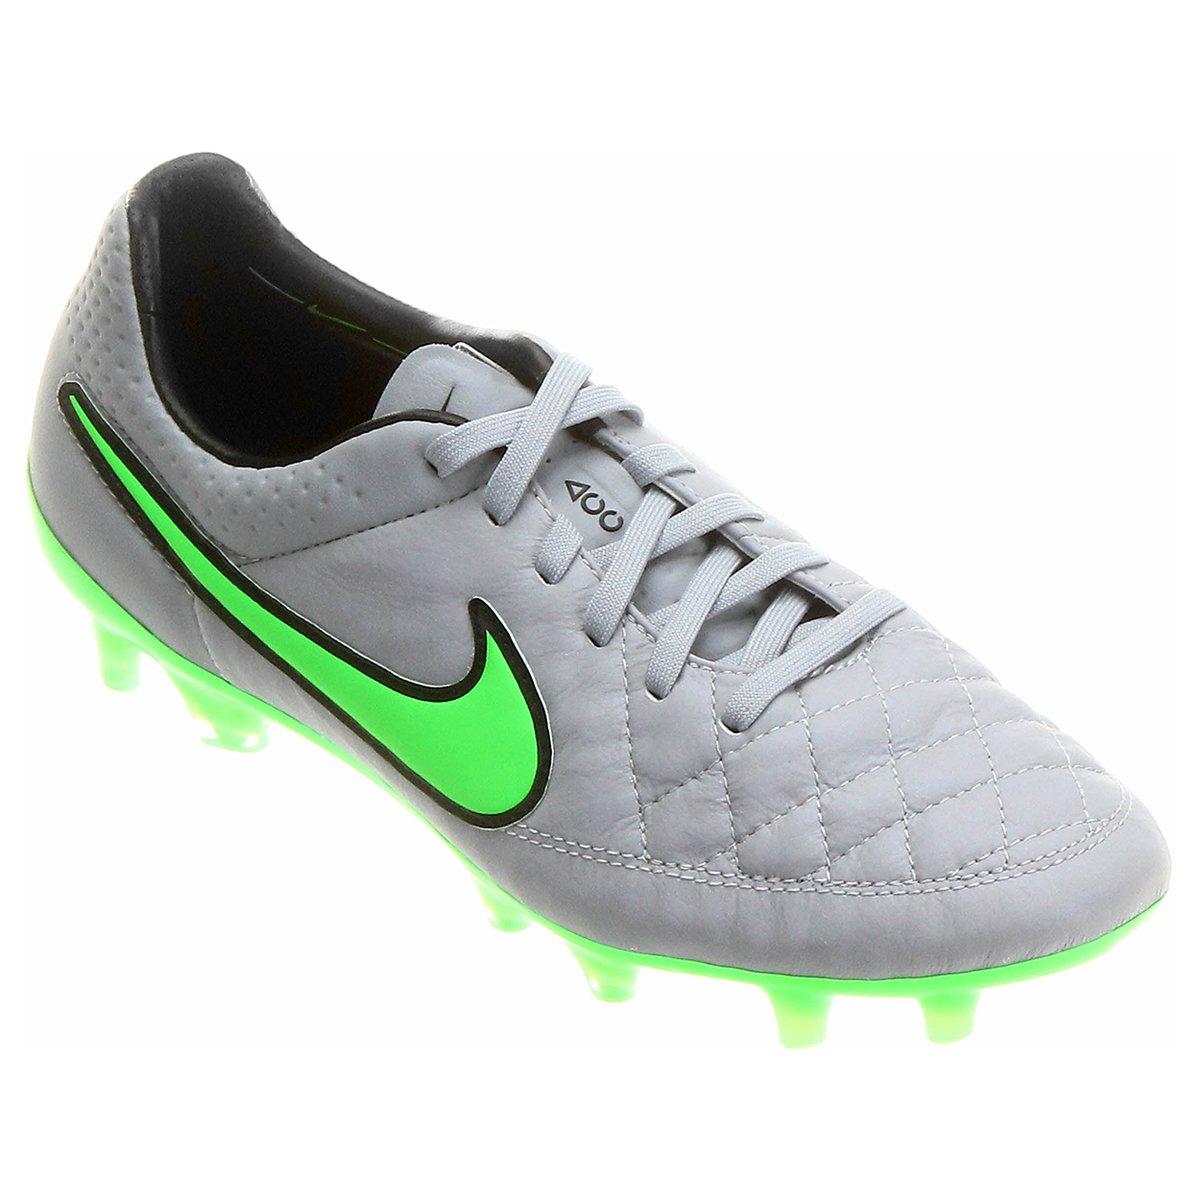 d62c07350dd84 Chuteira Nike Tiempo Legend 5 FG Campo - Compre Agora